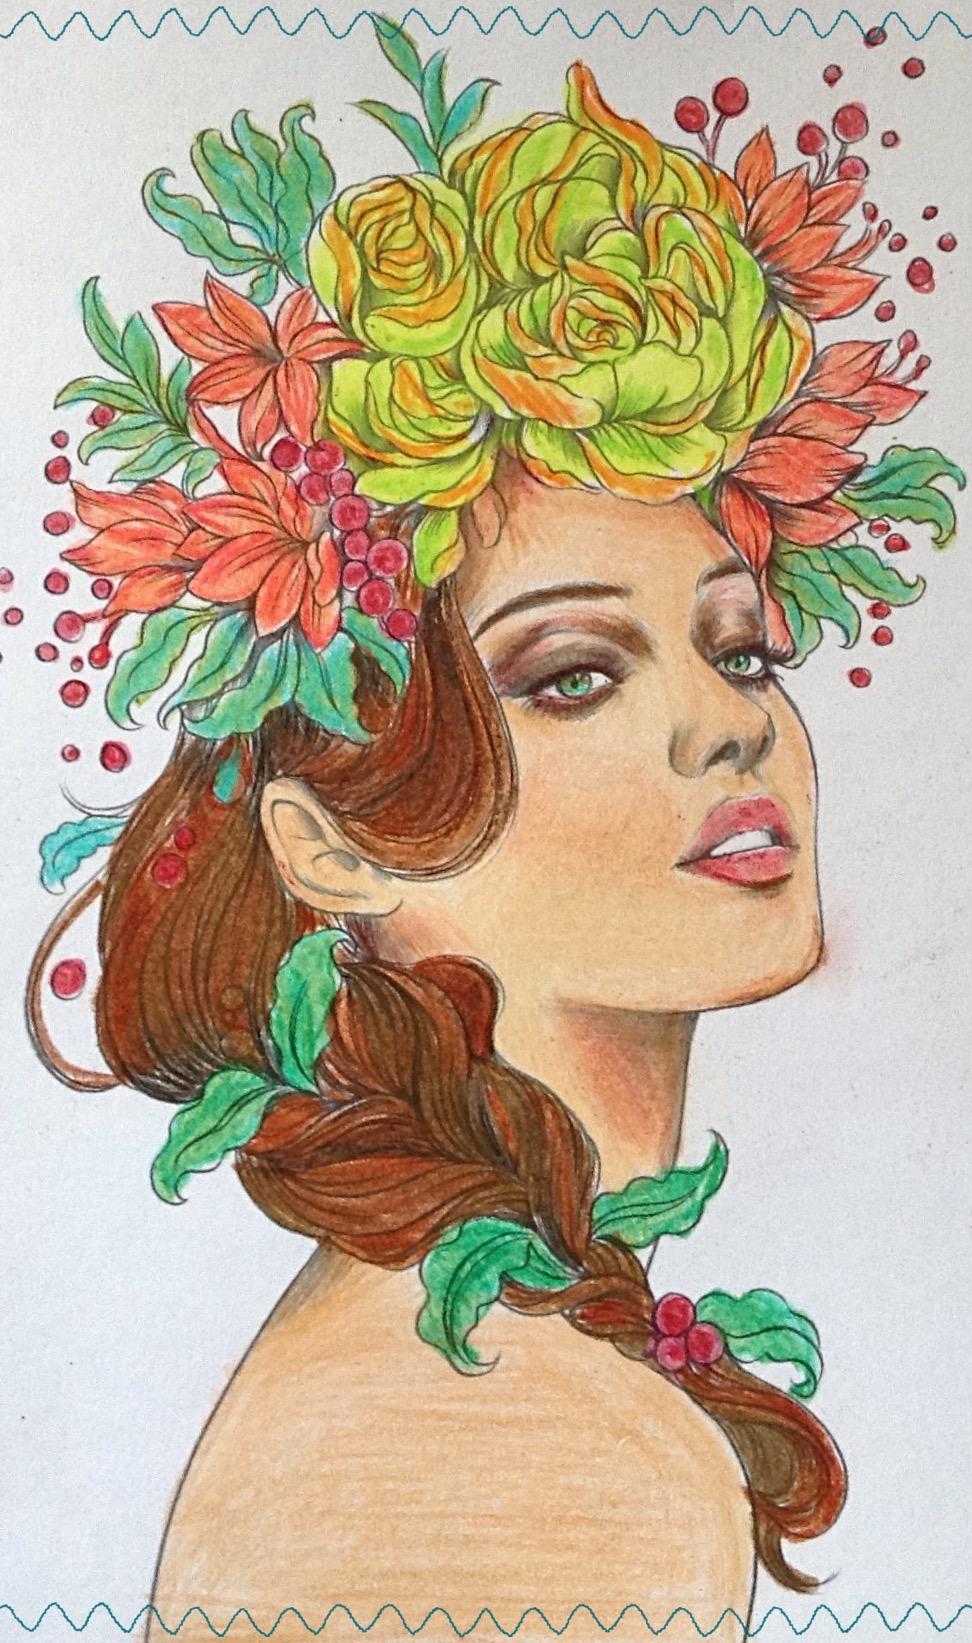 Prima Princess by Jamie-Nicole